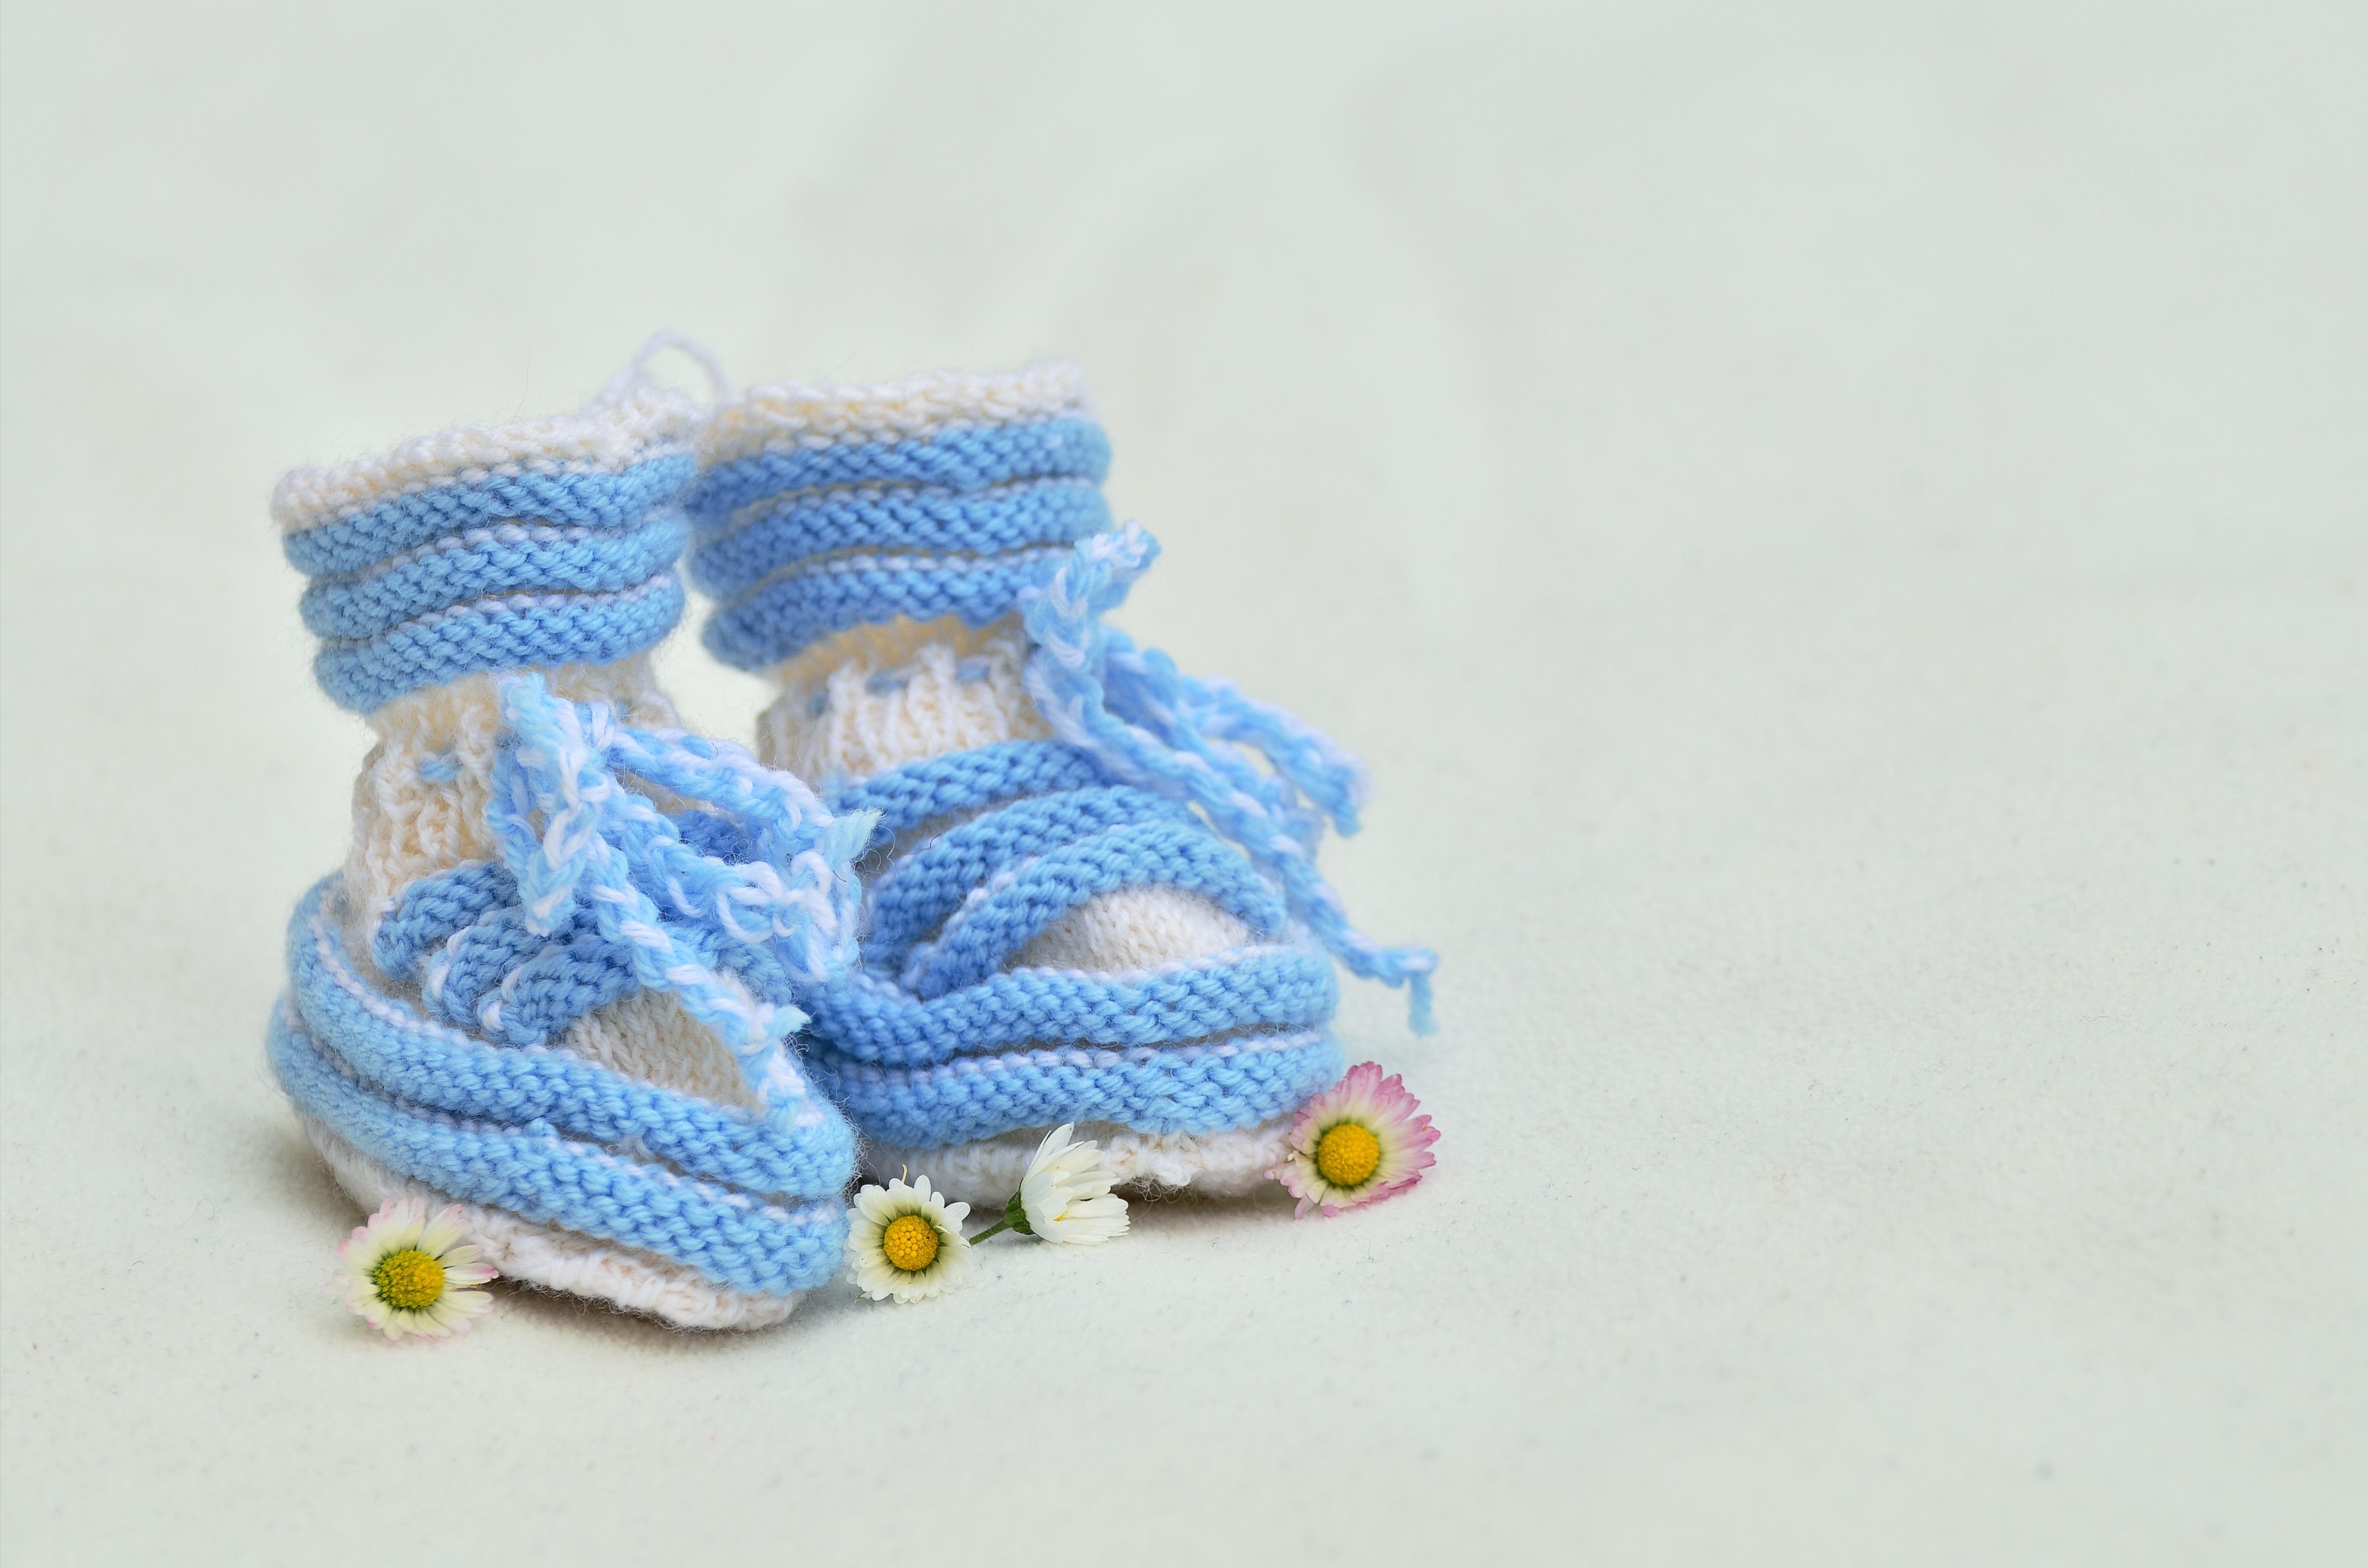 Kostenlose foto : Junge, Geschenk, Muster, blau, stricken, Wolle ...